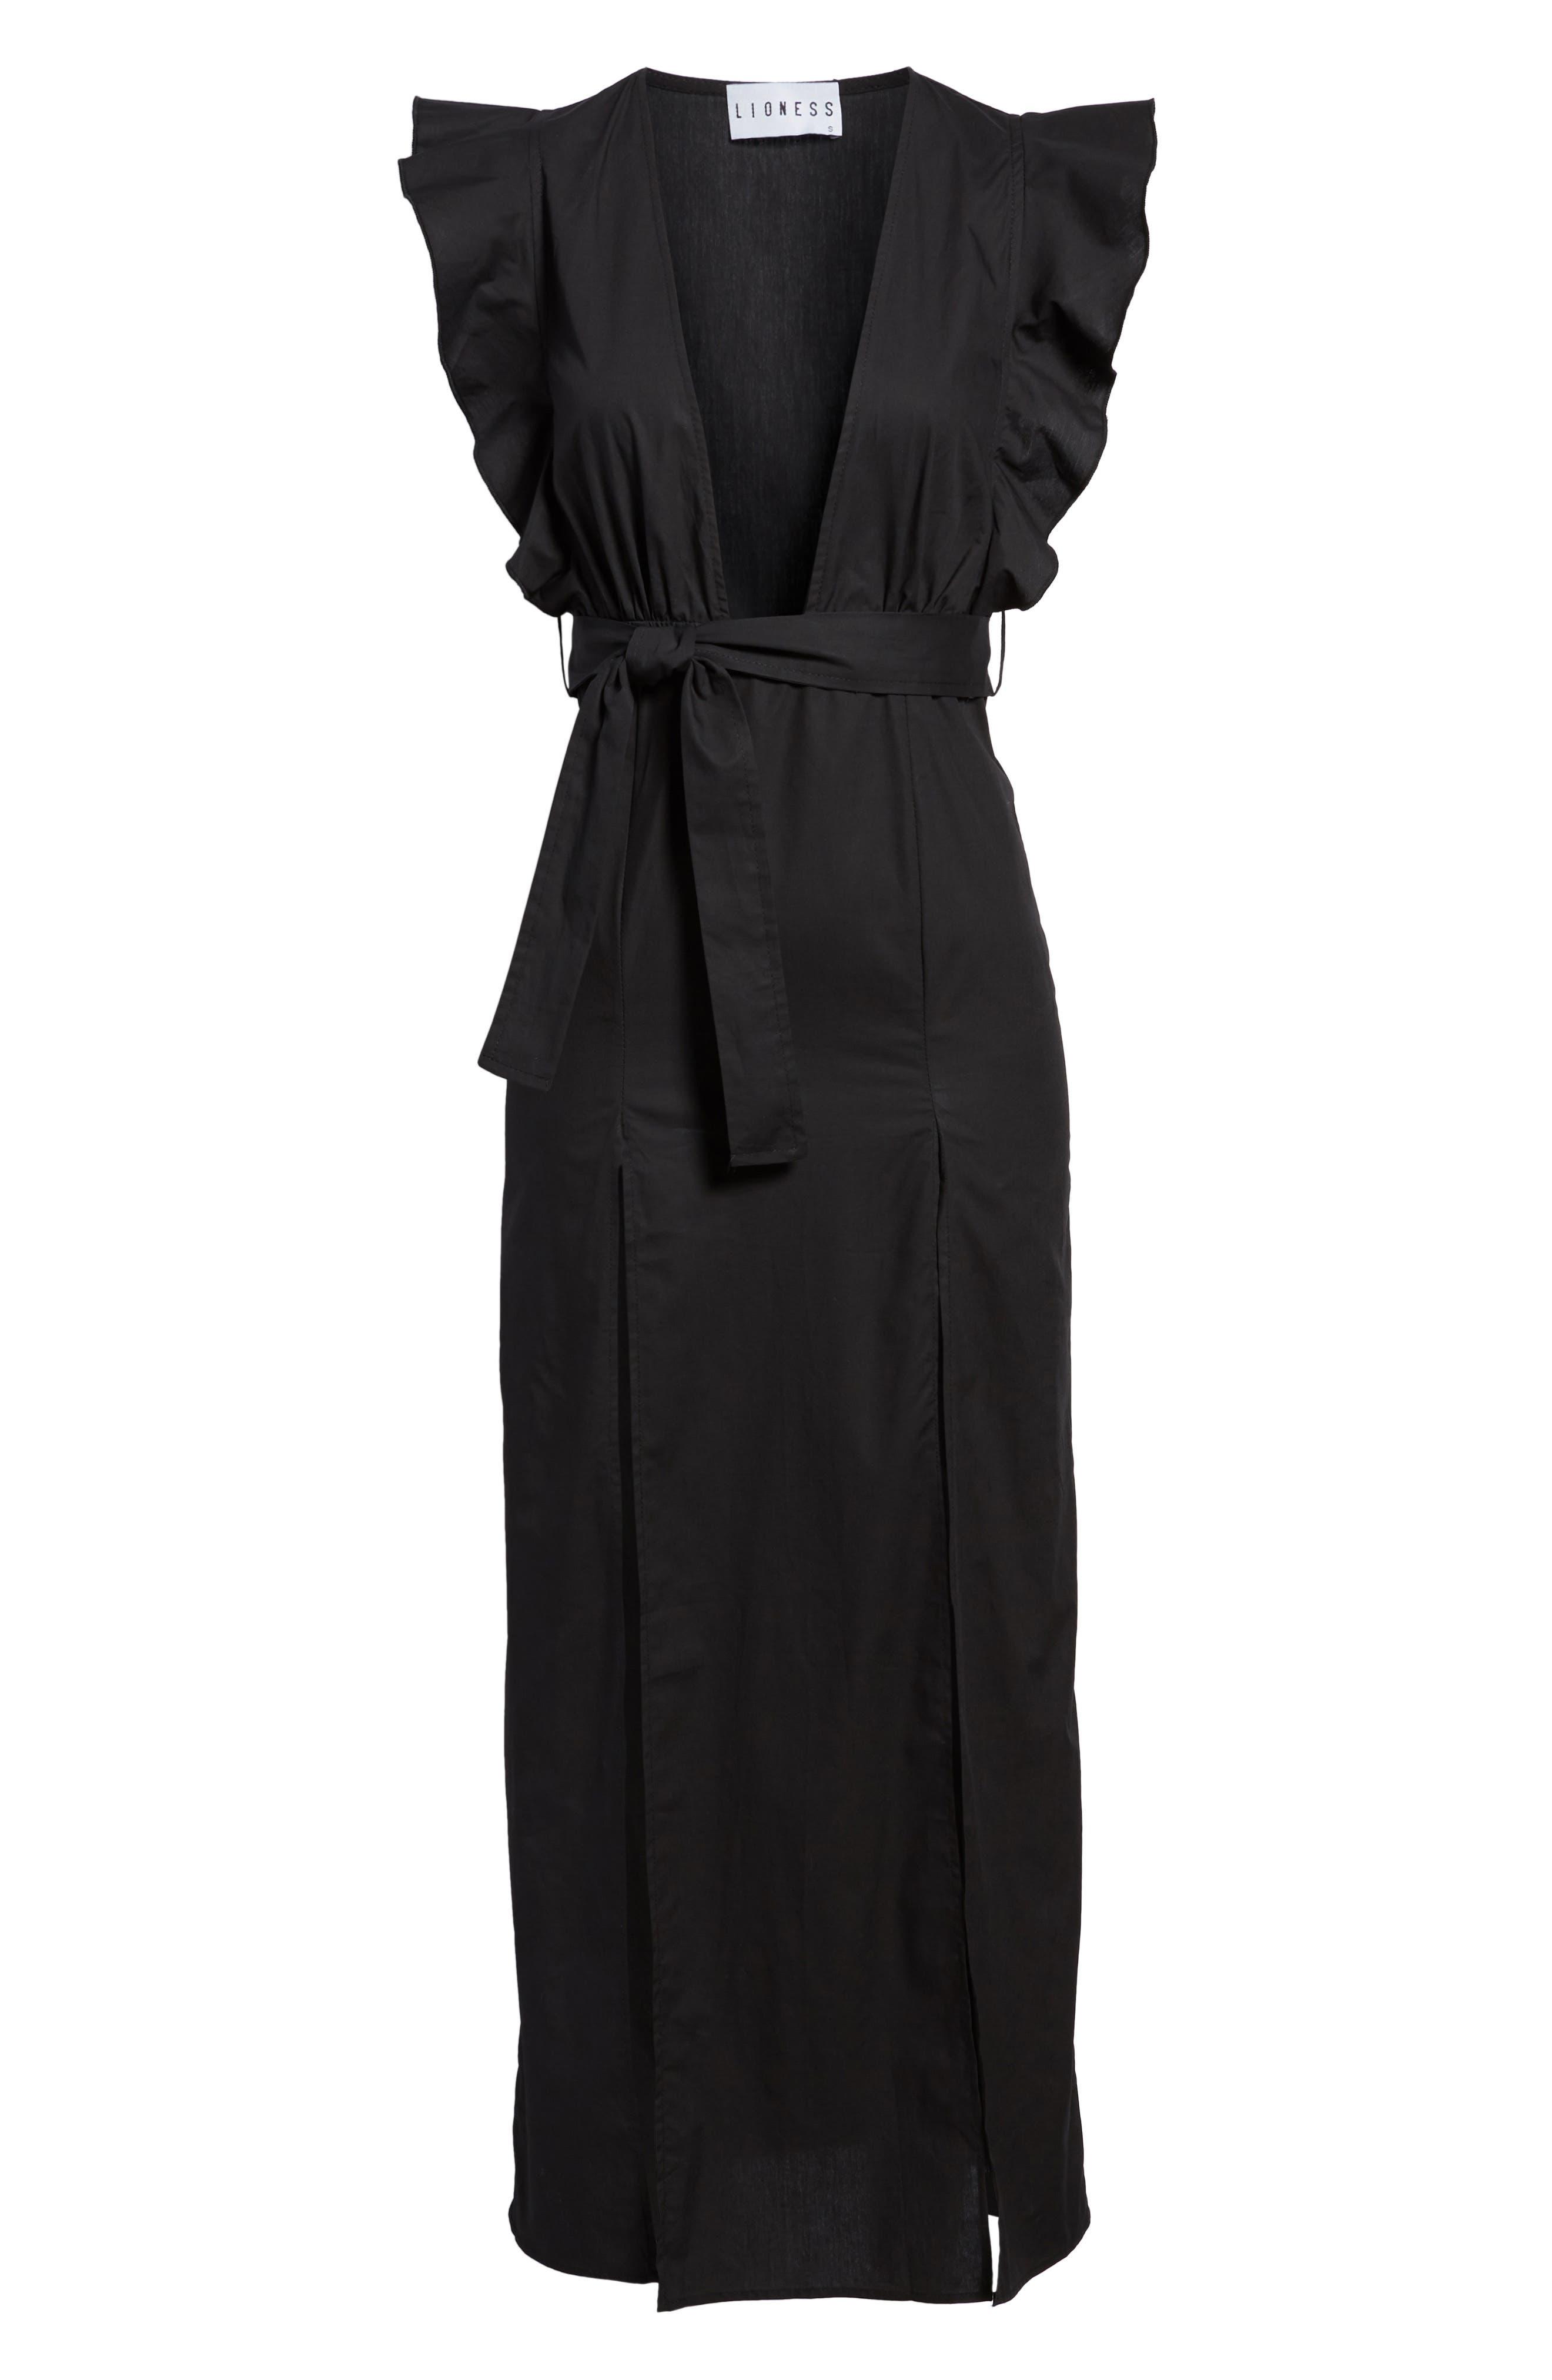 Delilah Maxi Dress,                             Alternate thumbnail 6, color,                             Black